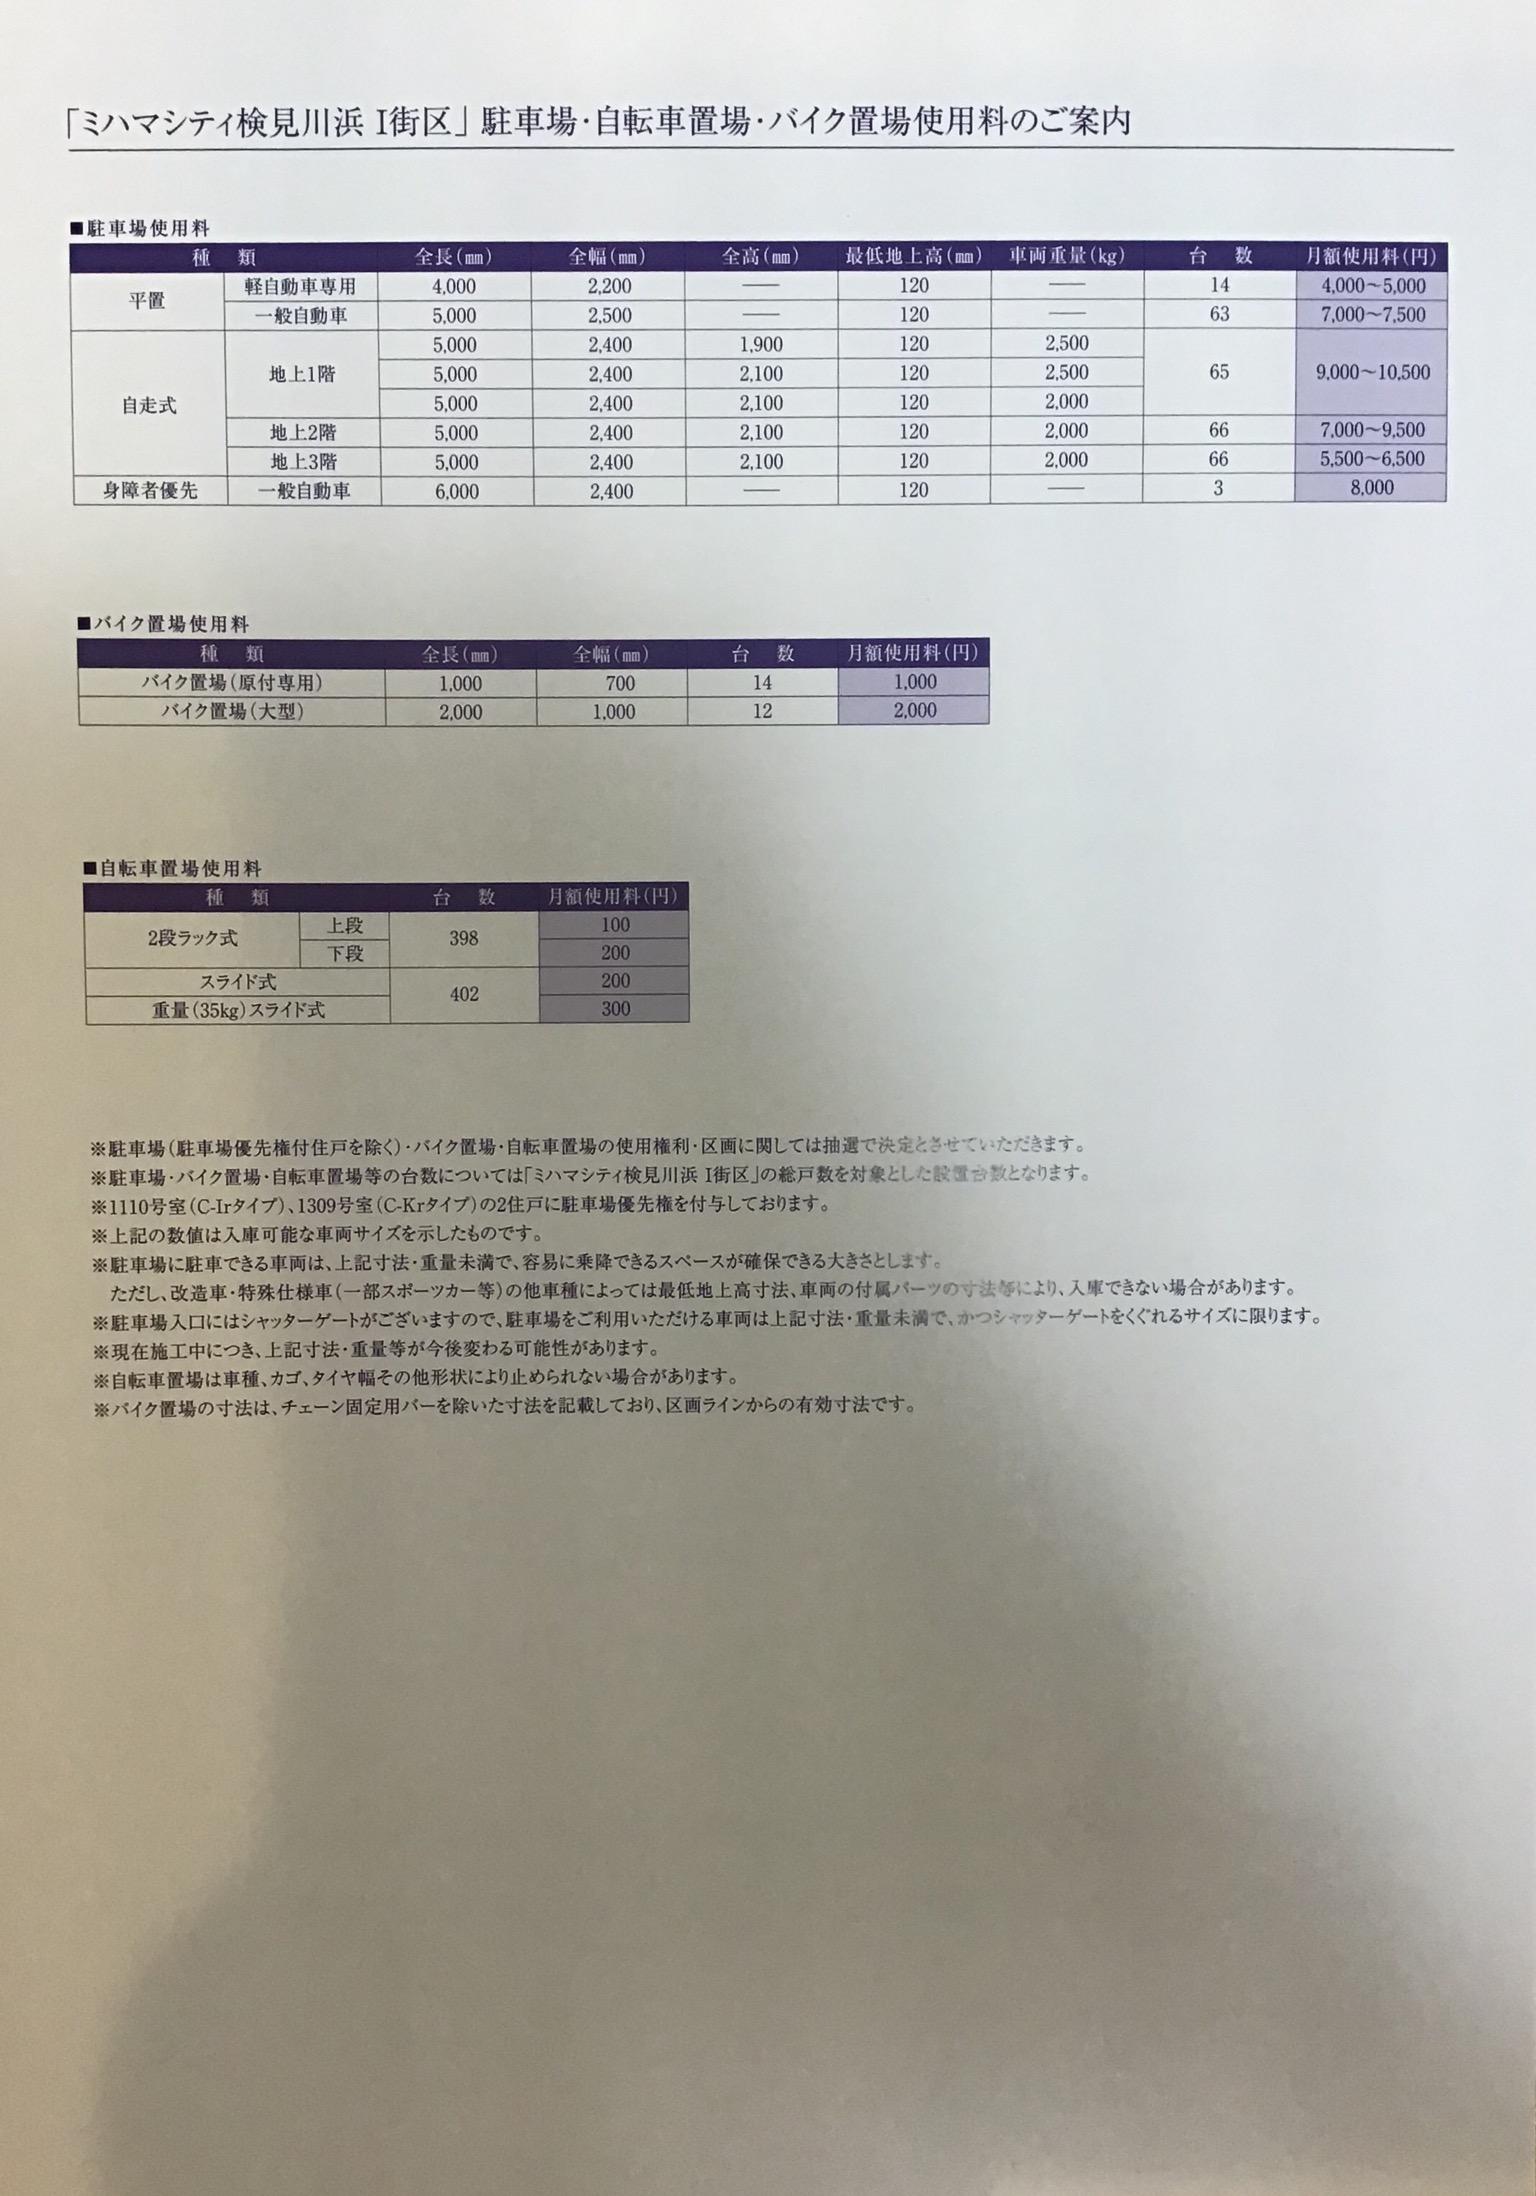 D197B603-5BAC-417D-8B69-CDFD459B8CBF